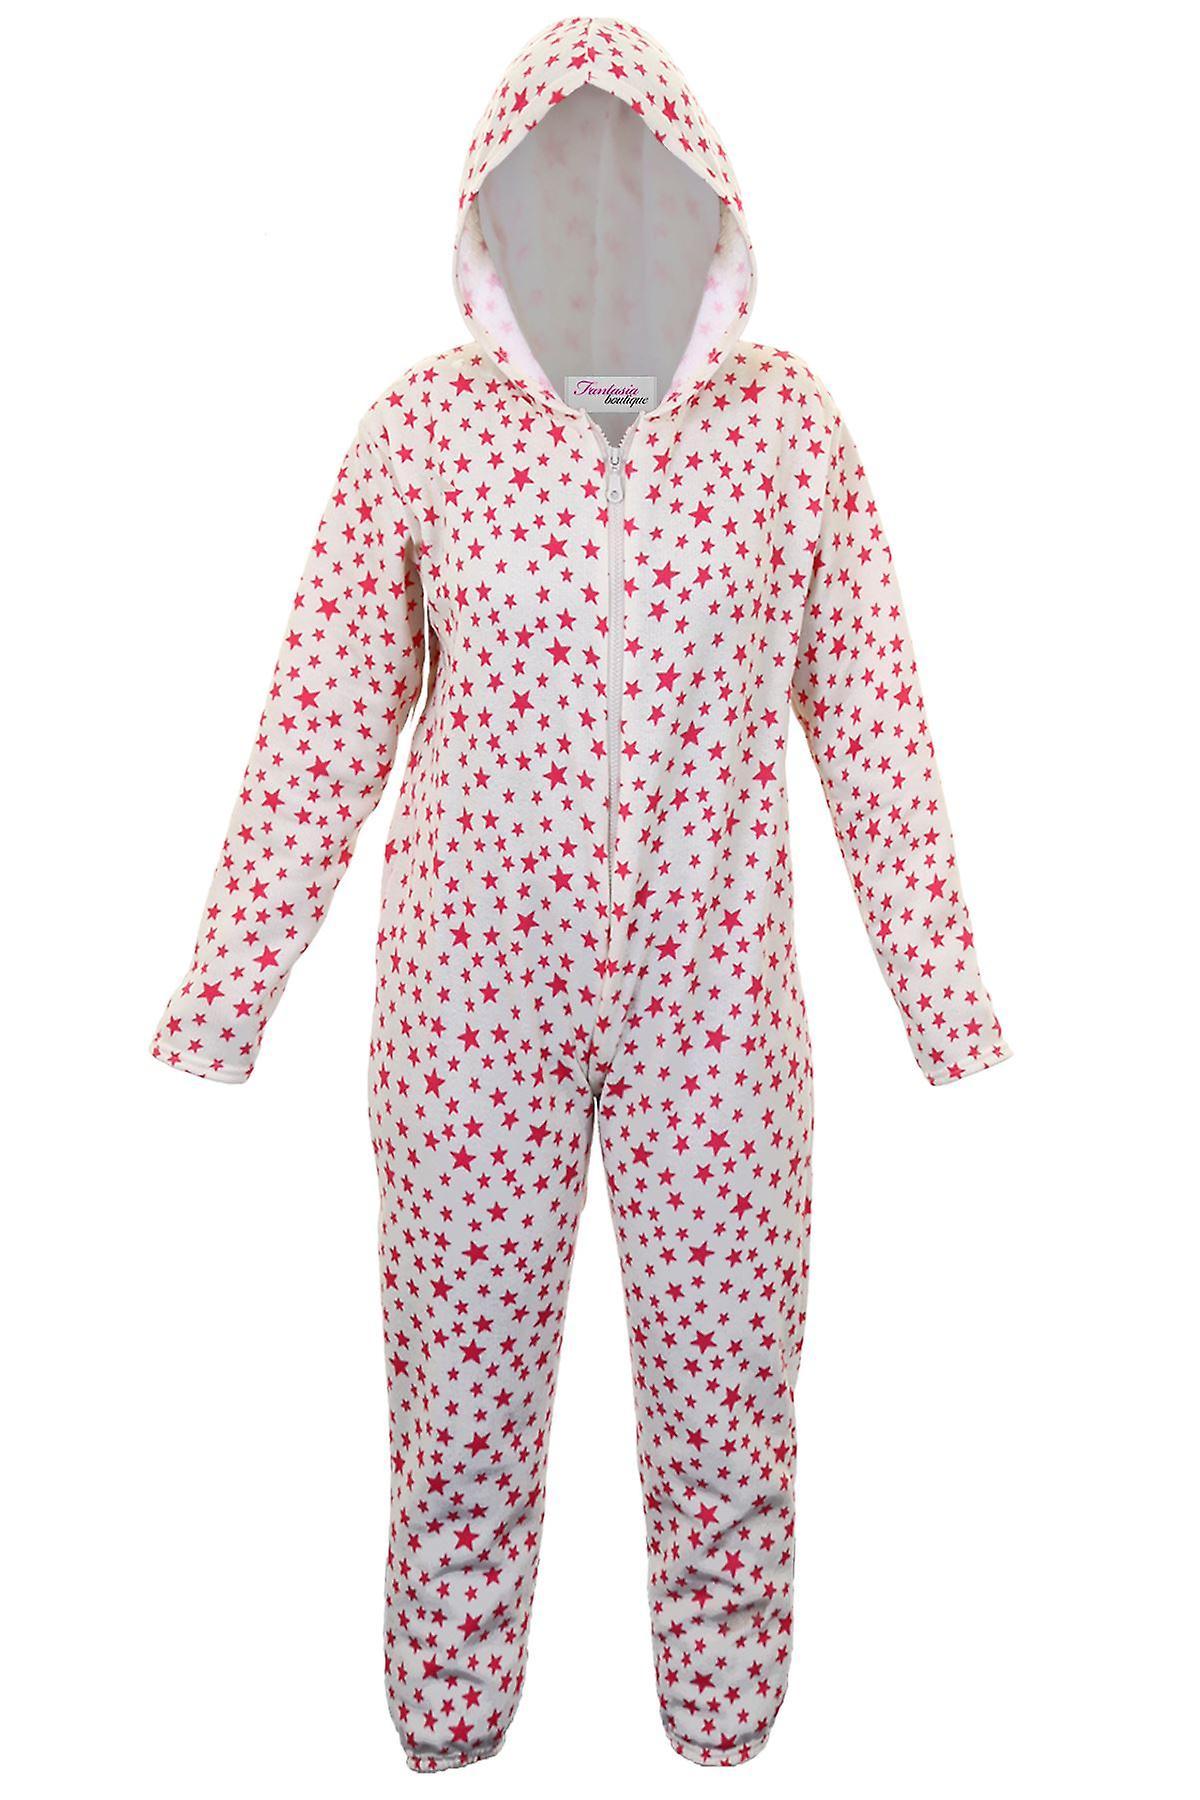 Mädchen-Sterne Print Zip vorne bequeme Kinder Kapuzen-alles In einem Sleepsuit Onsie